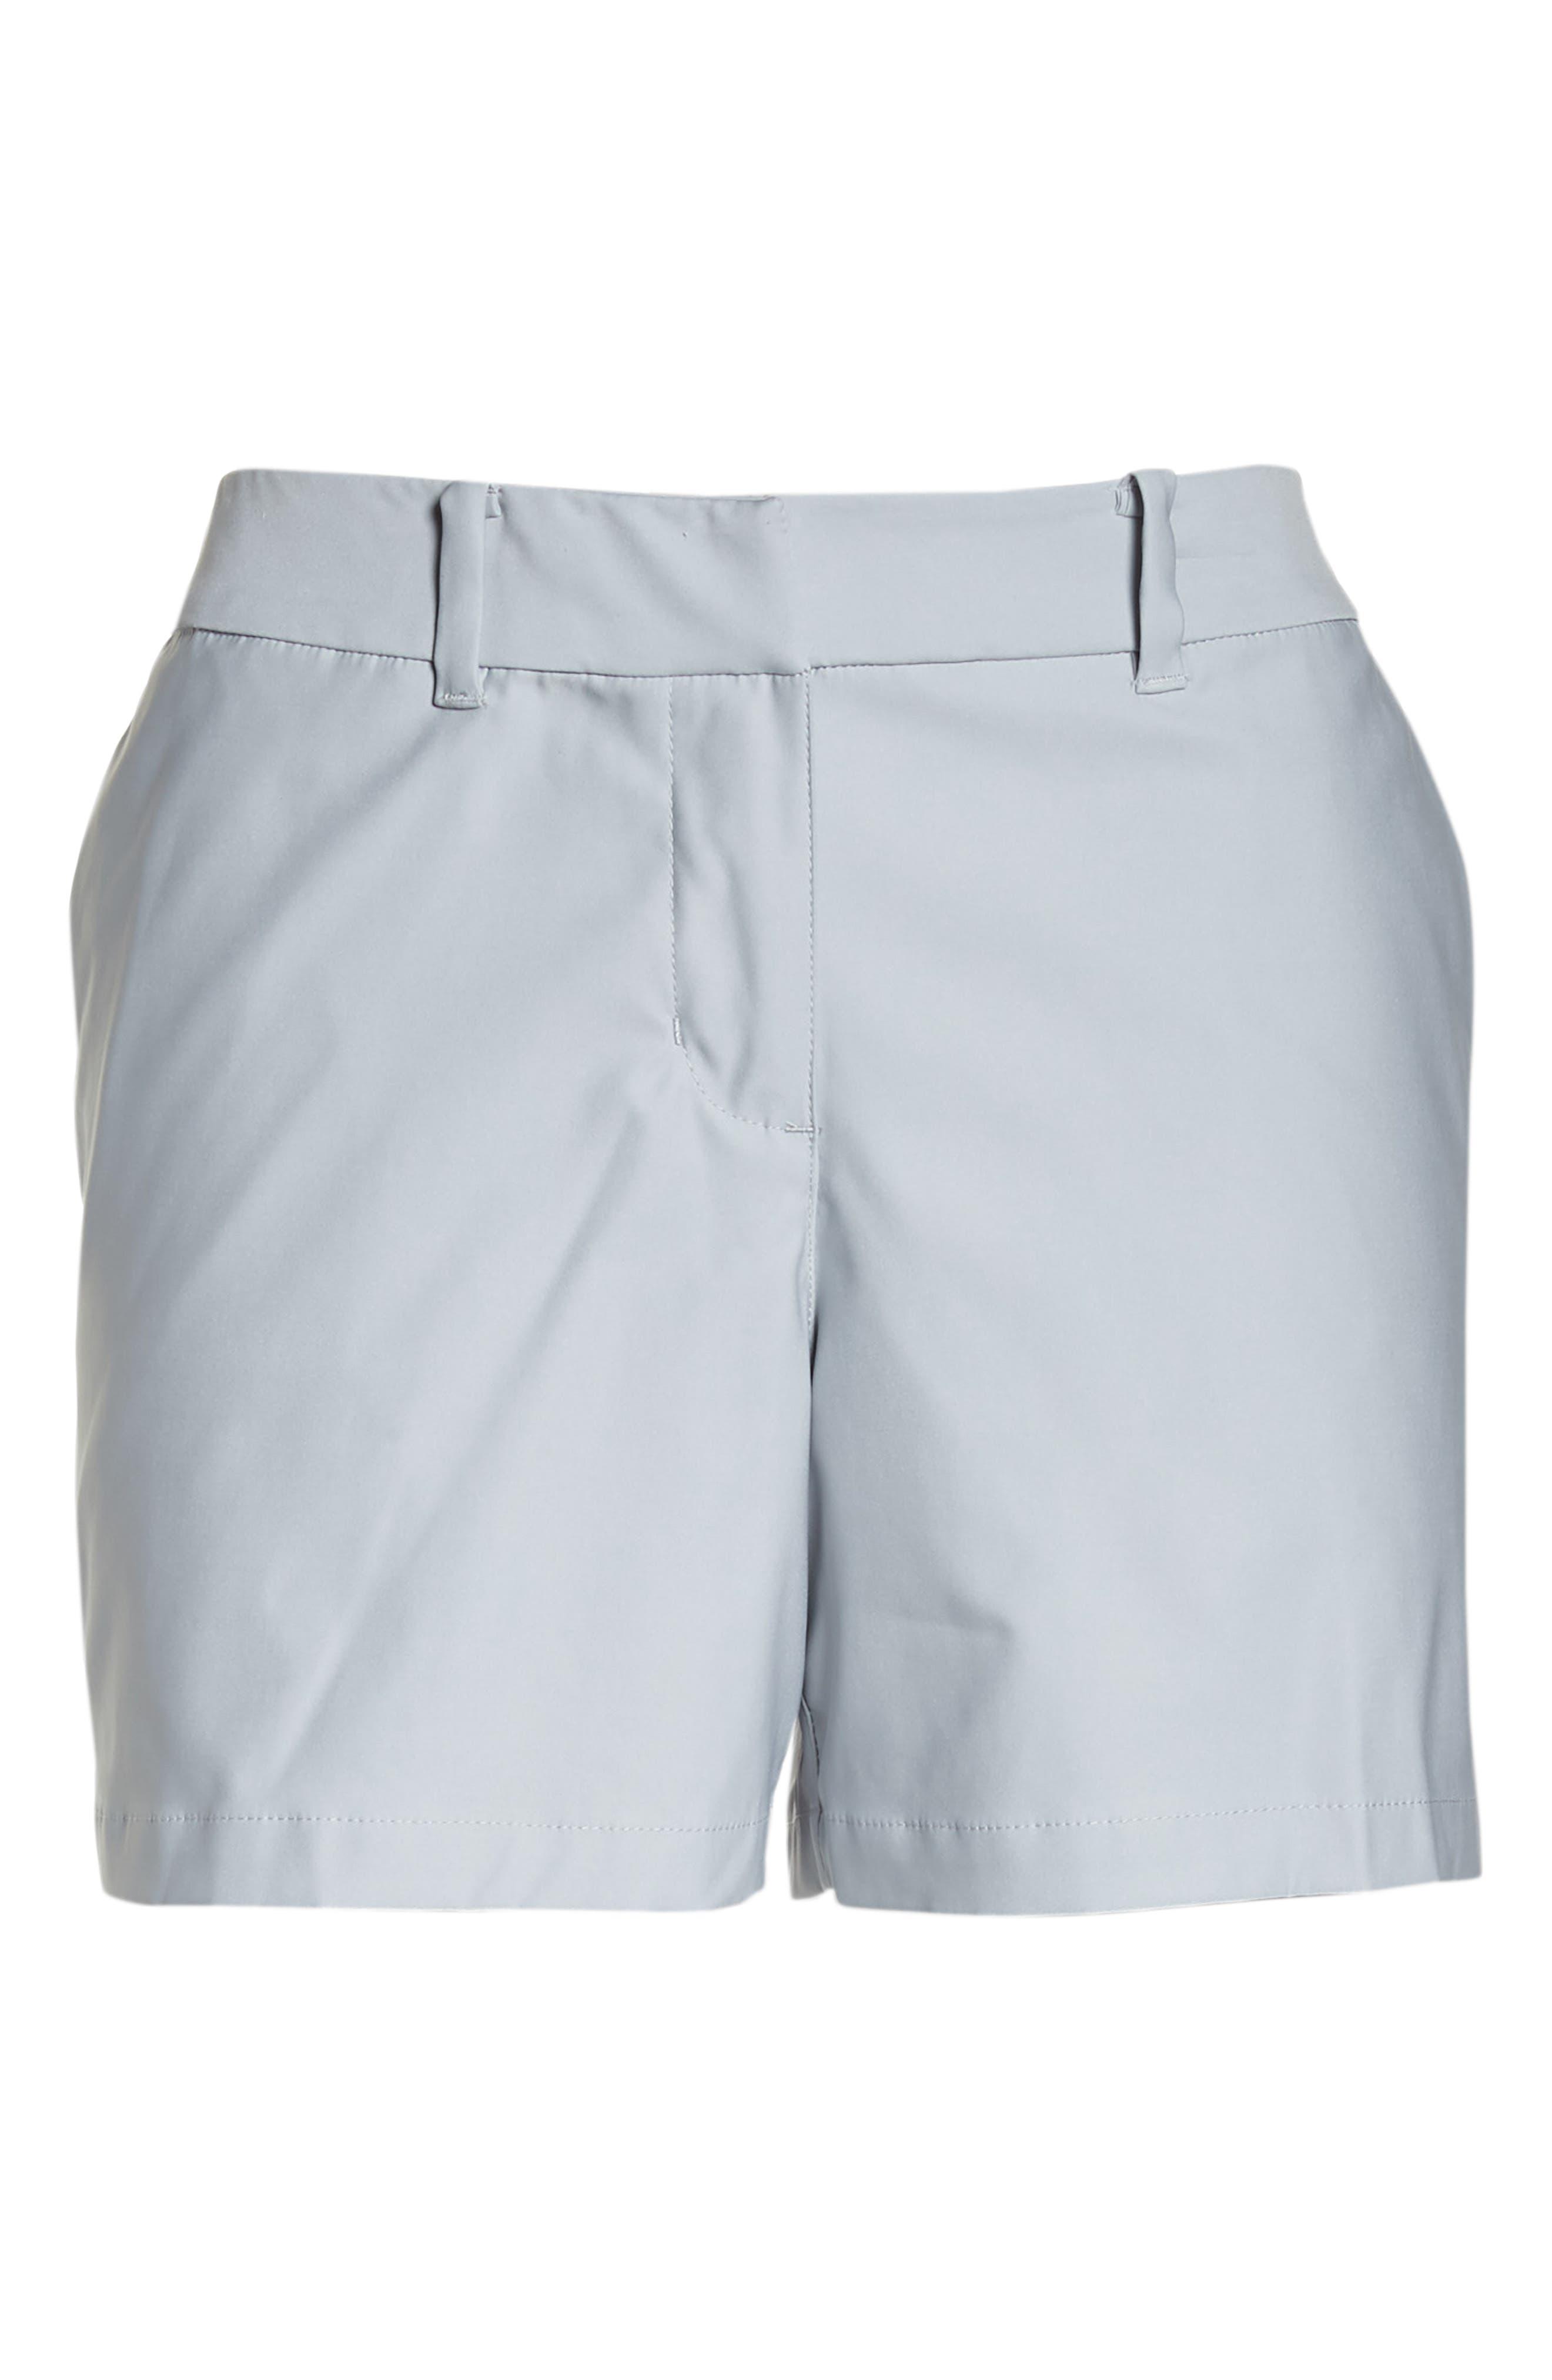 Flex Golf Shorts,                         Main,                         color, Wolf Grey/ Wolf Grey